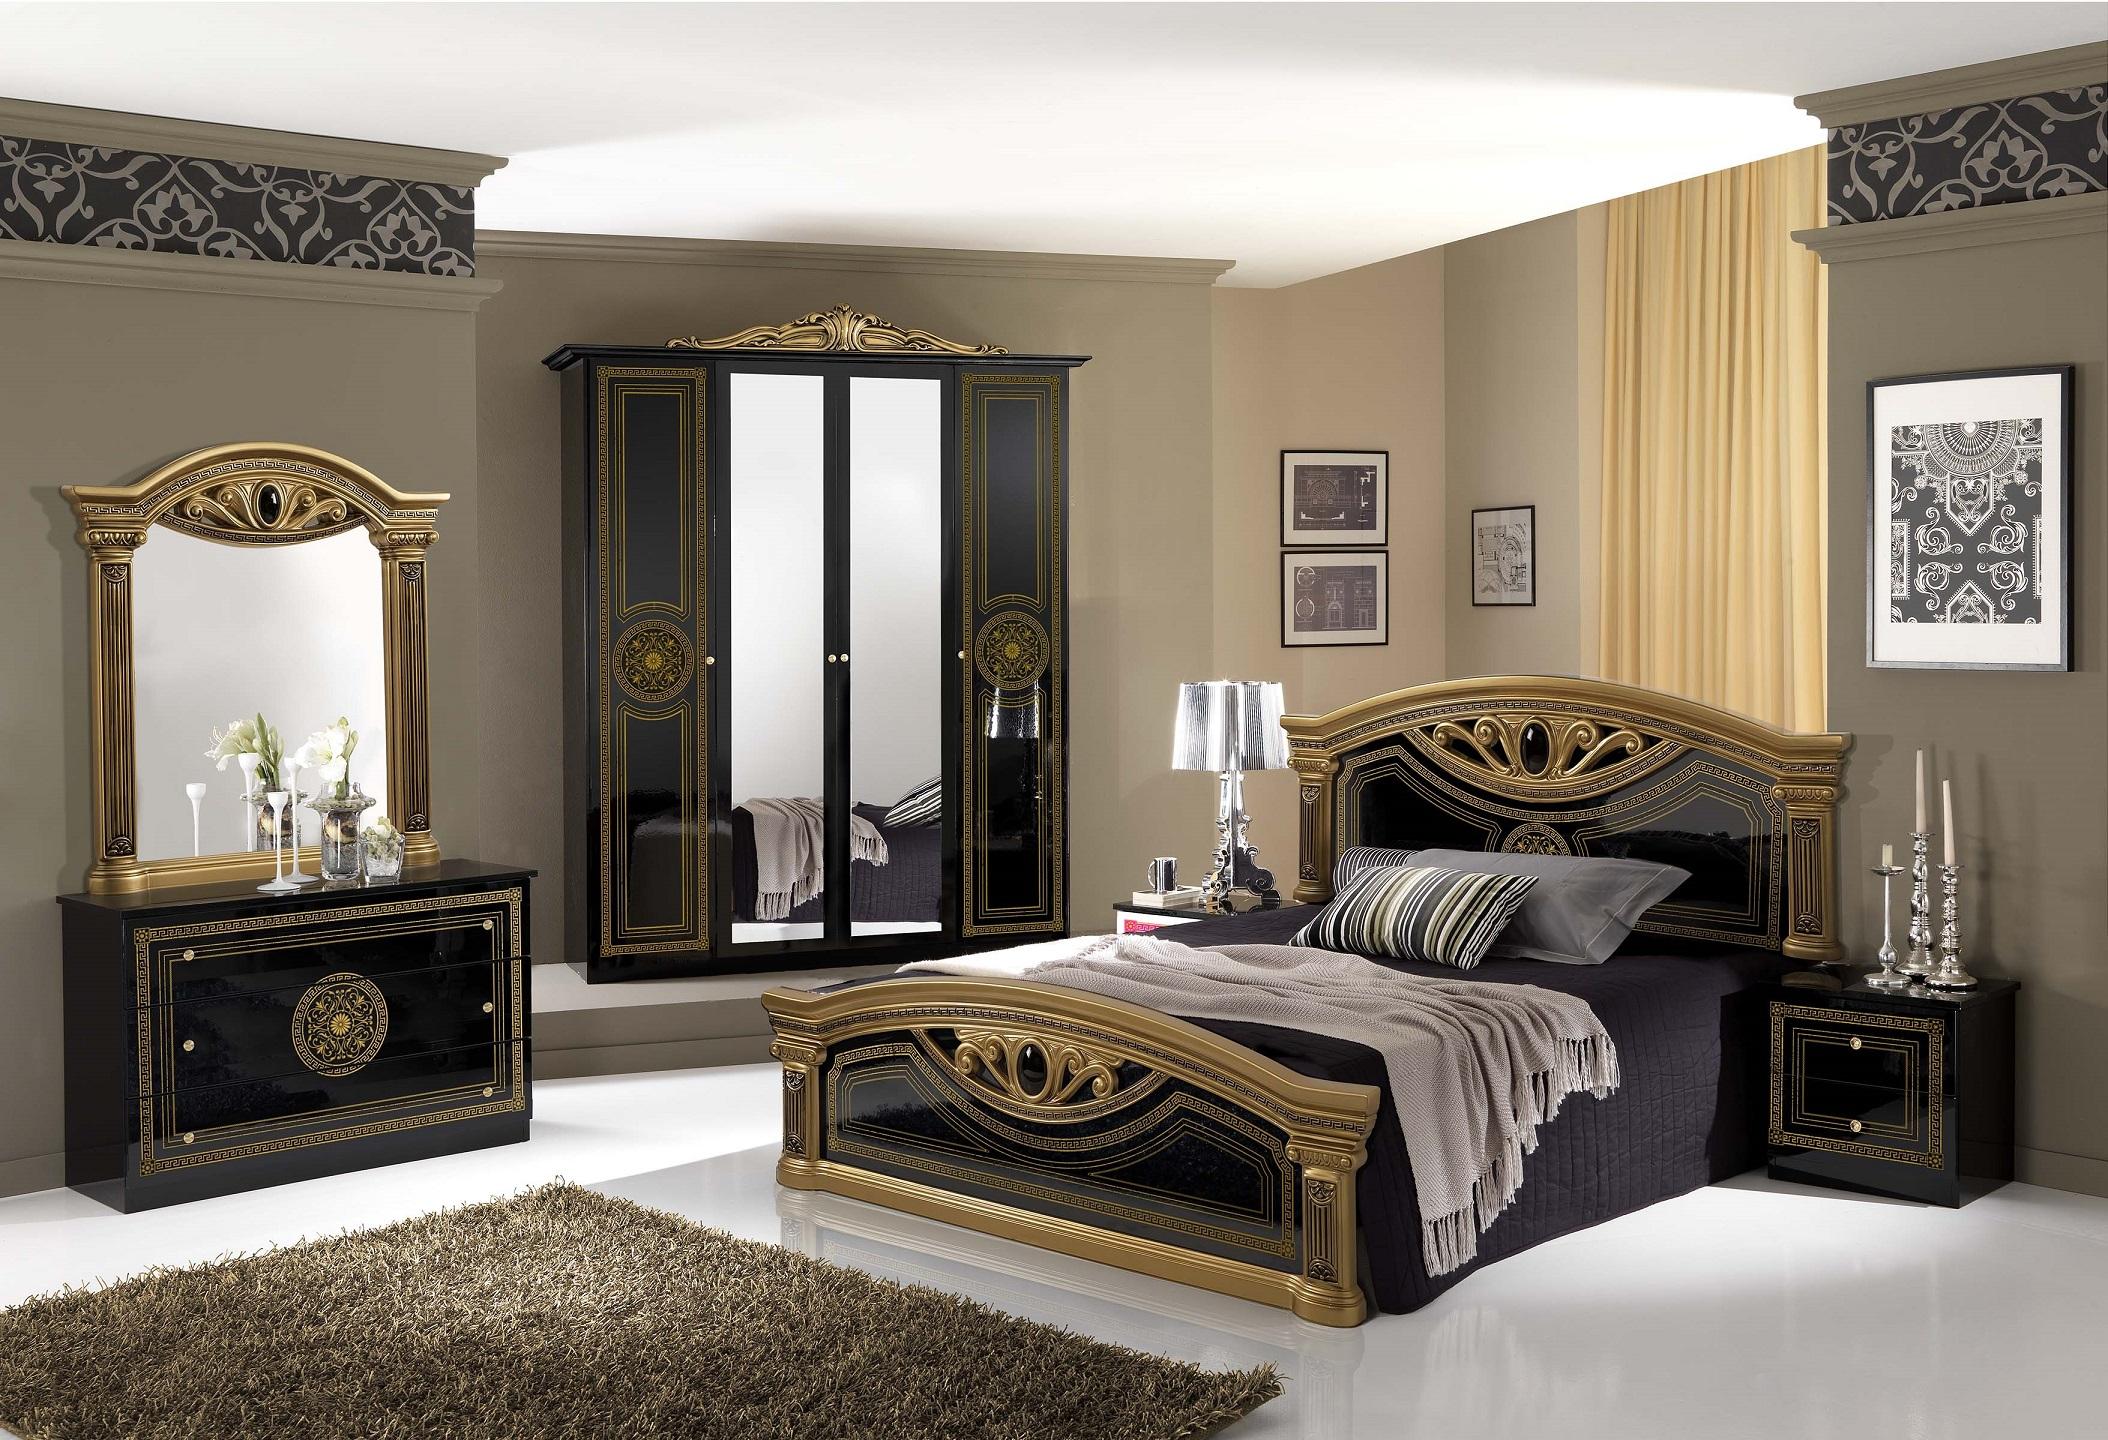 Full Size of Günstige Schlafzimmer Fototapete Set Günstig Led Deckenleuchte Luxus Gardinen Für Mit Boxspringbett Günstiges Bett Wandleuchte Vorhänge Komplett Guenstig Schlafzimmer Günstige Schlafzimmer